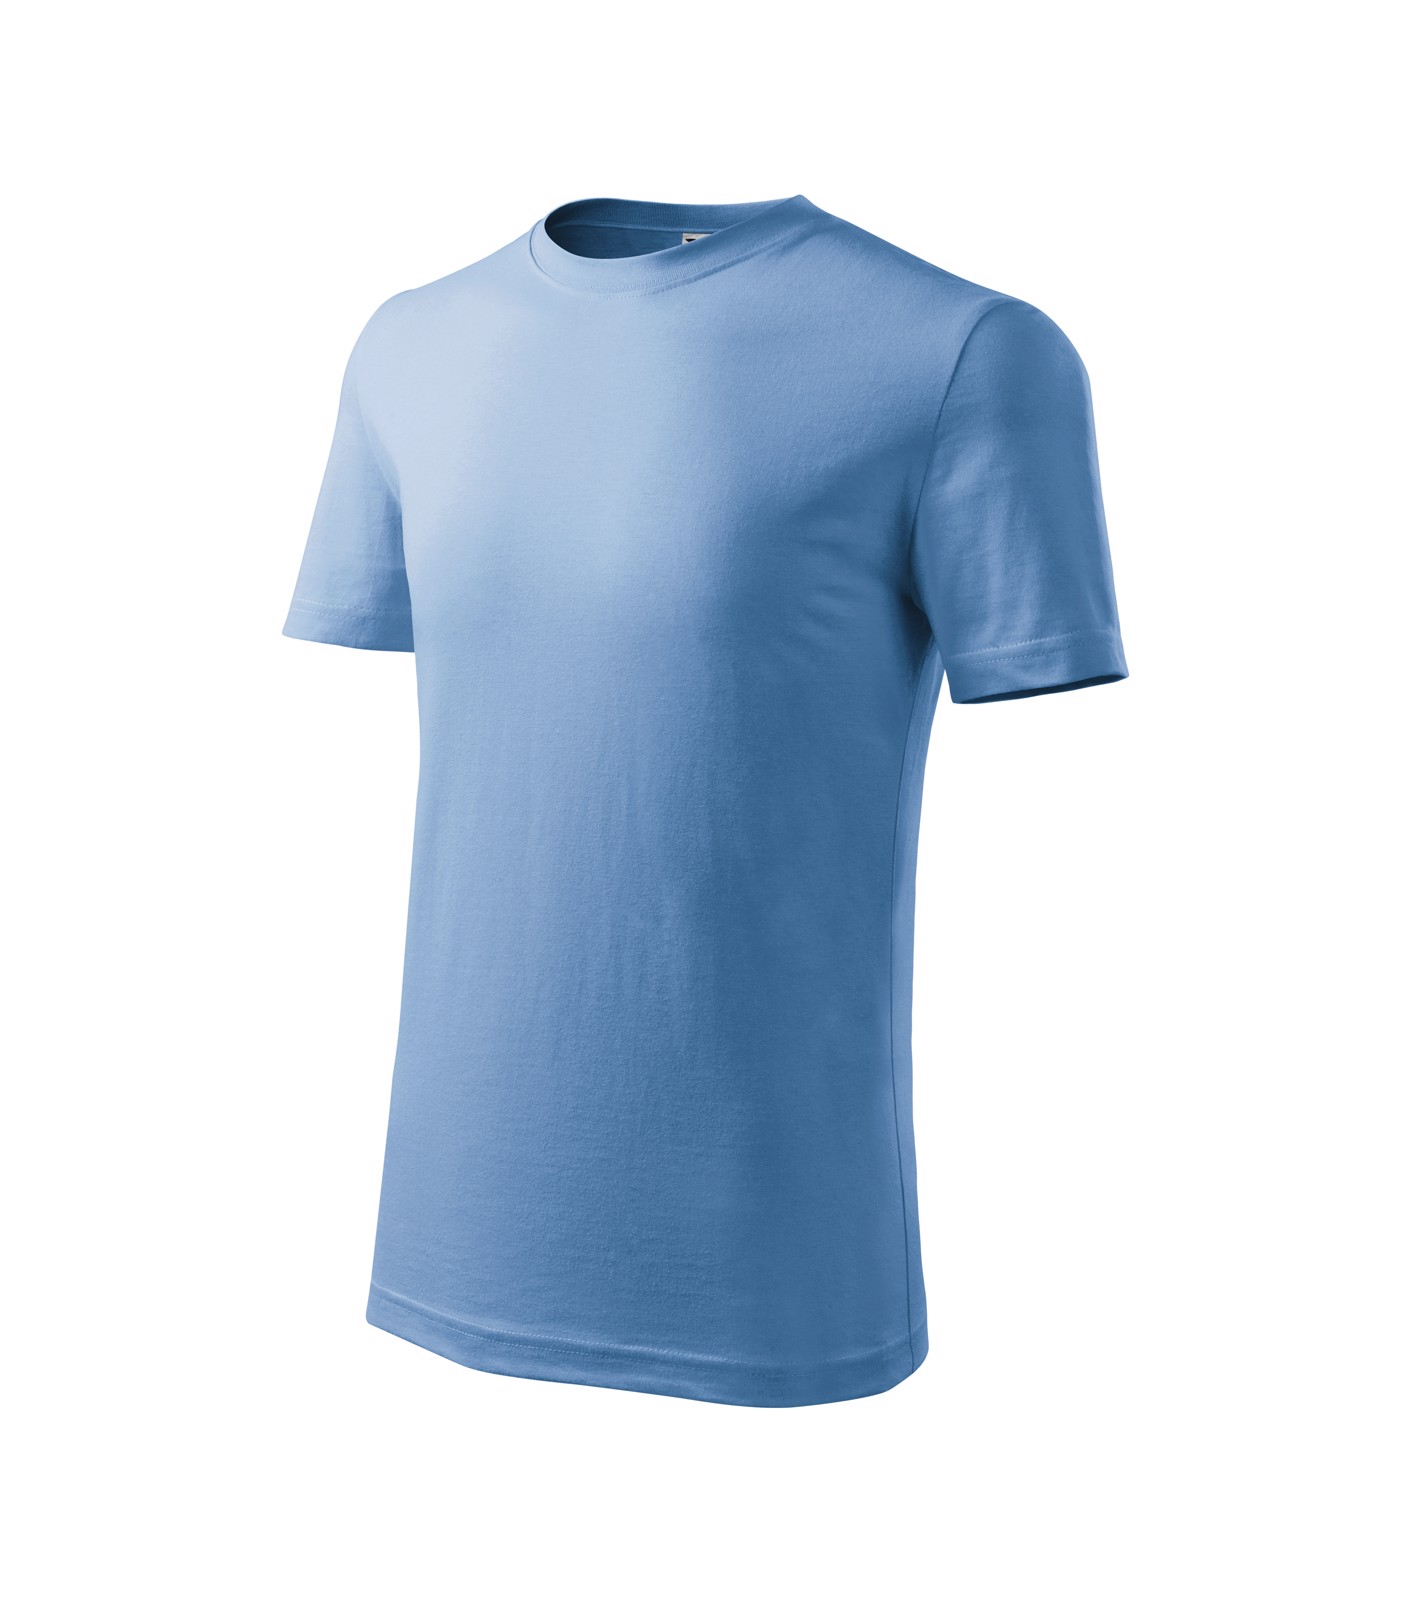 Tričko dětské Malfini Classic New - Nebesky Modrá / 158 cm/12 let